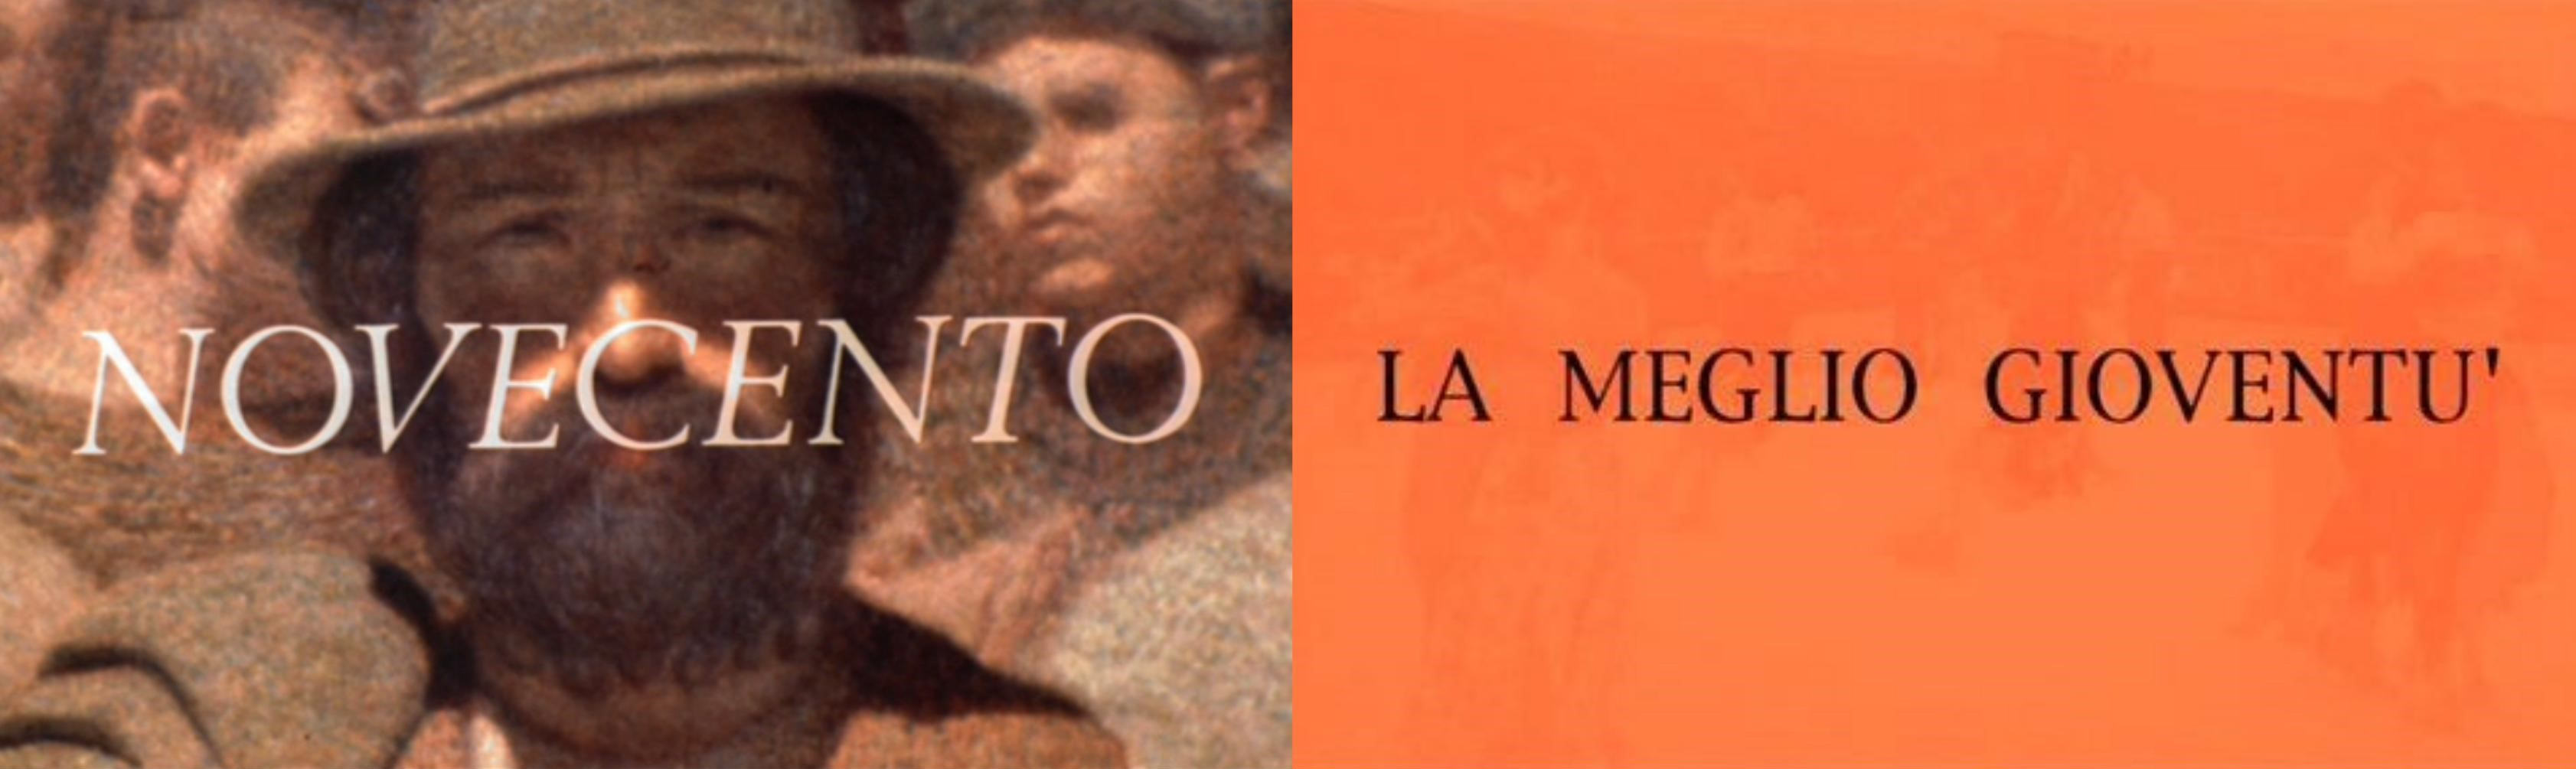 """La Storia al Cinema: """"Novecento"""" e """"La Meglio Gioventù"""""""